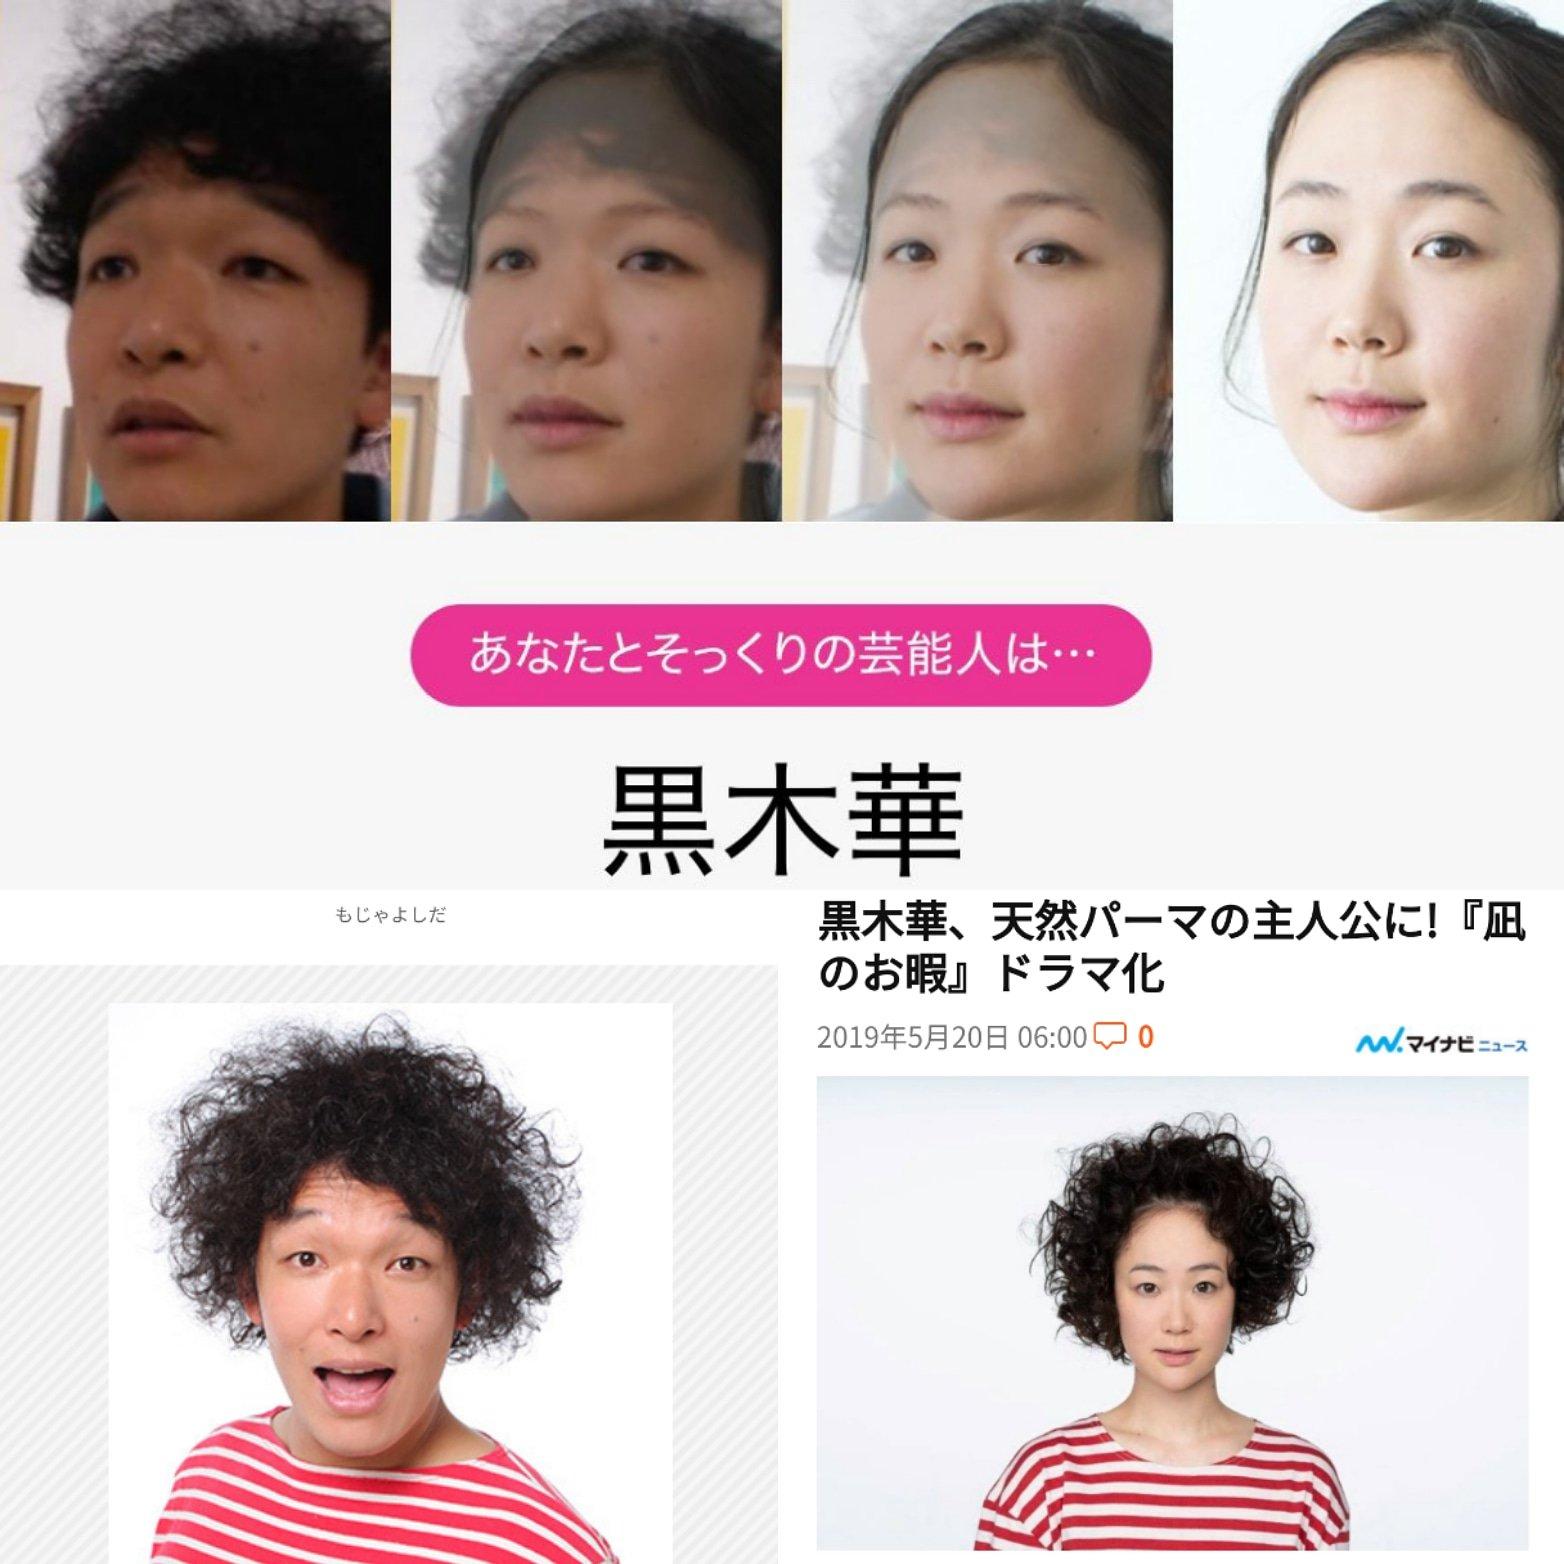 パーマ 黒木 華 黒木華の髪型はパーマとボブどっちが可愛い?前髪や茶髪もあります|apceee